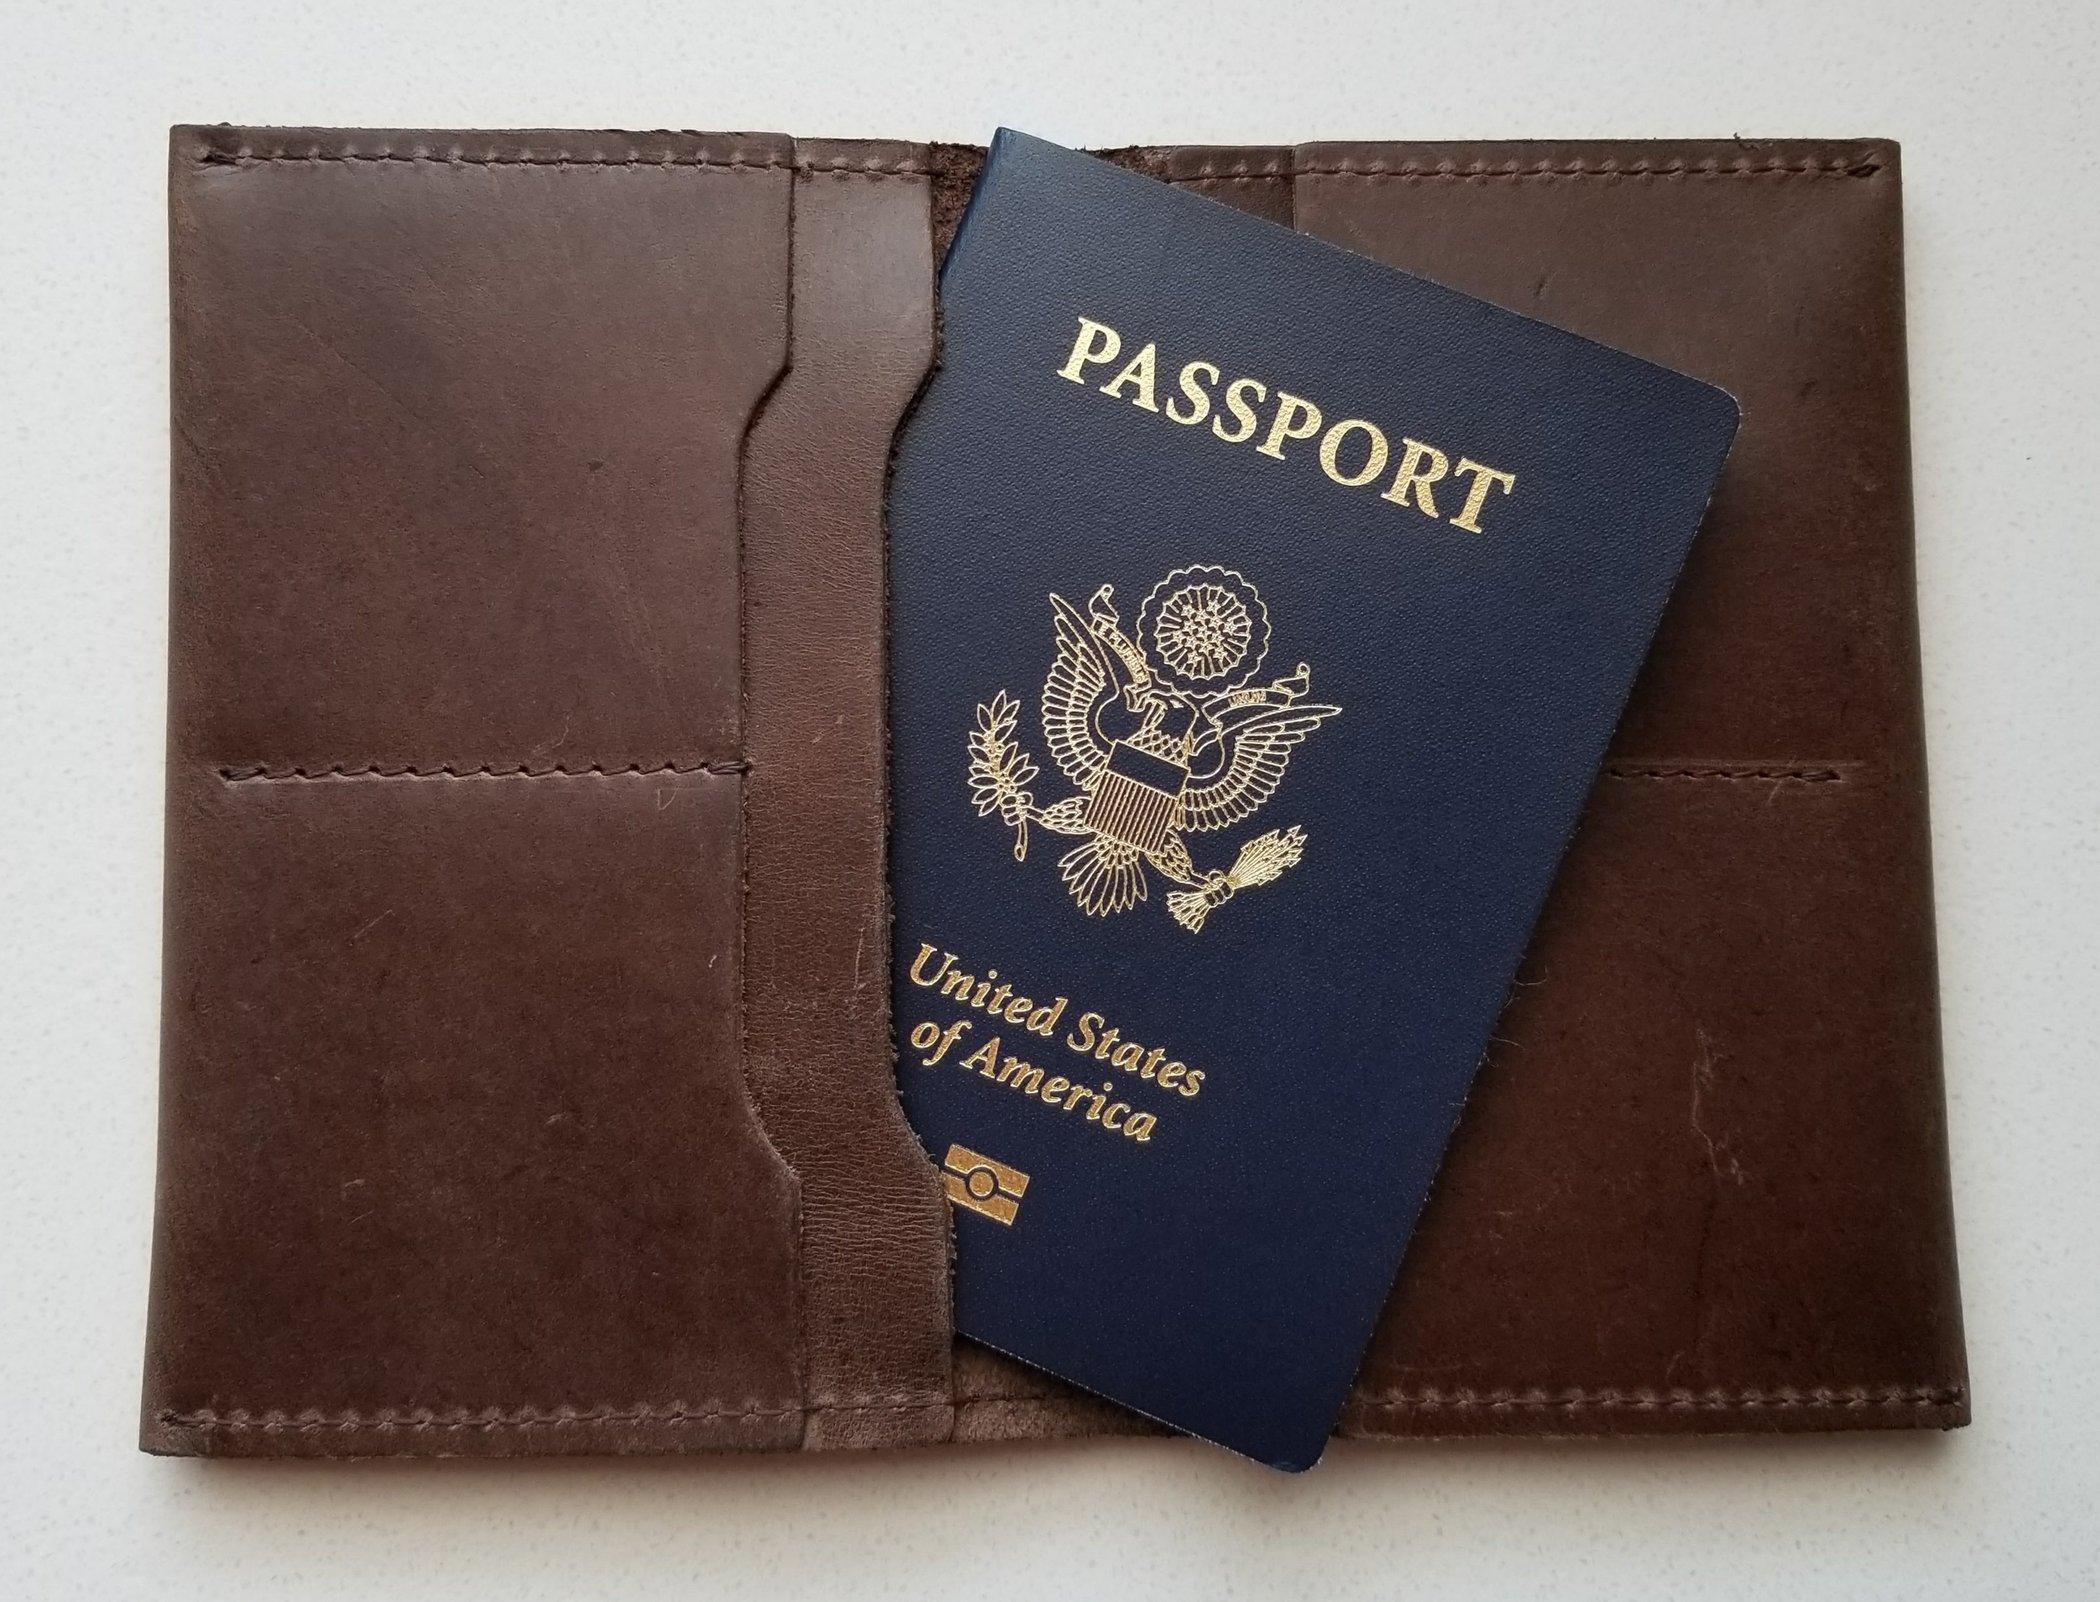 Eyerusalem Passport Wallet in Black | Kind Gift Guide For Him akindjourney.com